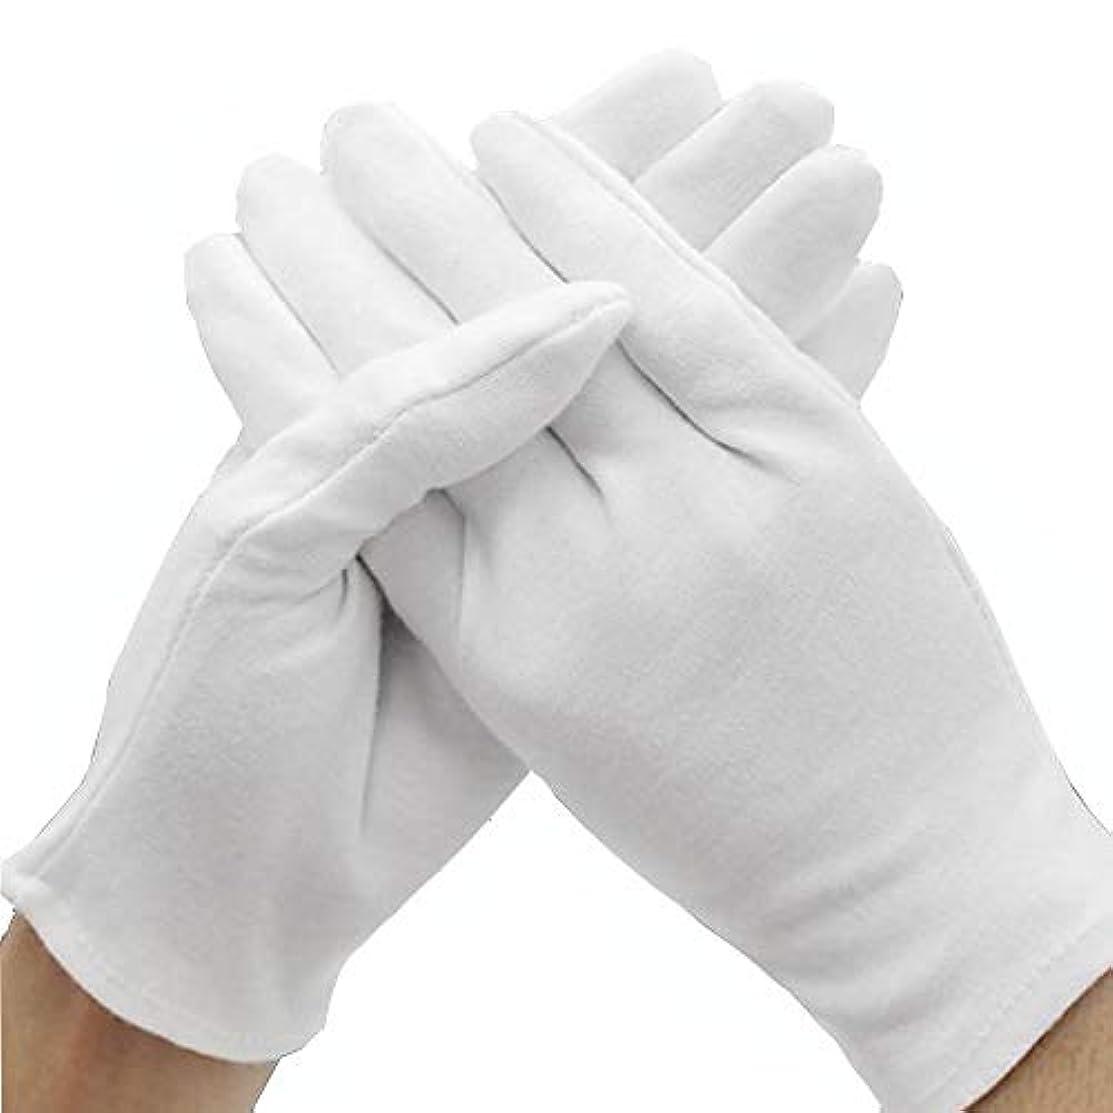 シャツ年金時間とともにLezej インナーコットン手袋 白い手袋 綿手袋 衛生手袋 コットン手袋 ガーデニング用手袋 作業手袋 健康的な手袋 環境保護用手袋(12組) (M)